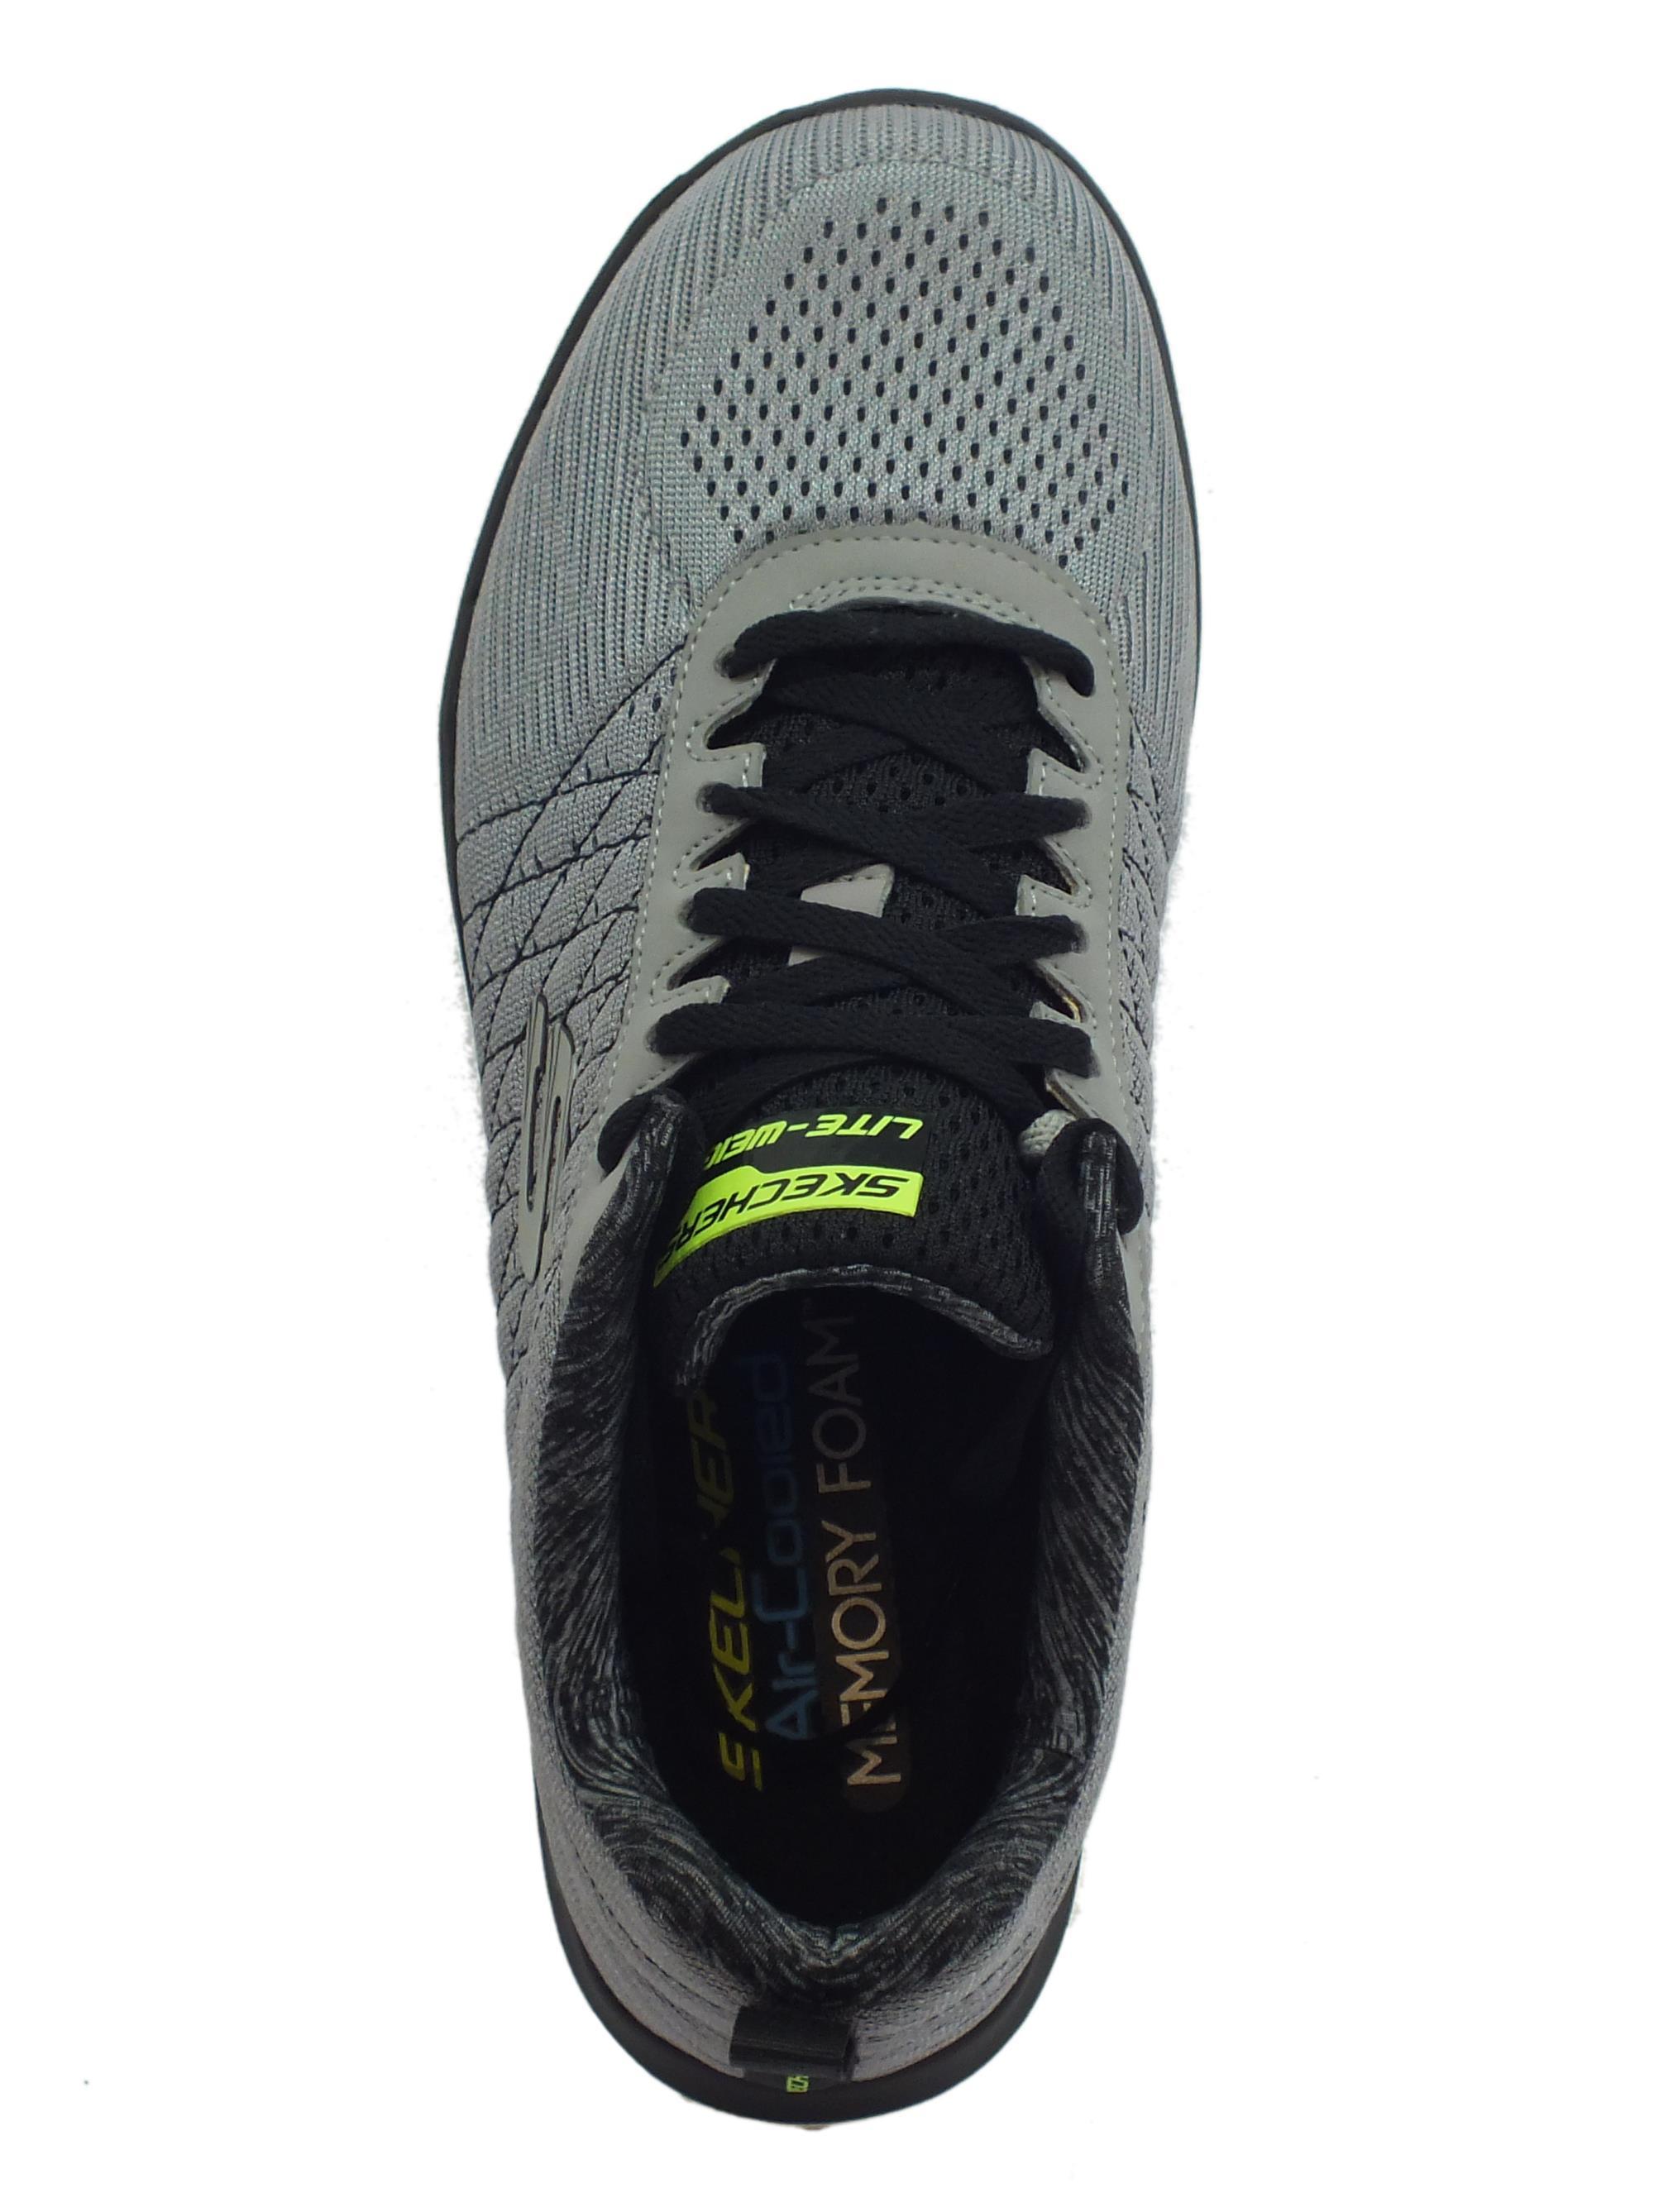 Scarpe Skechers Air cooled uomo tessuto grigio - Vitiello Calzature 18031c2455e